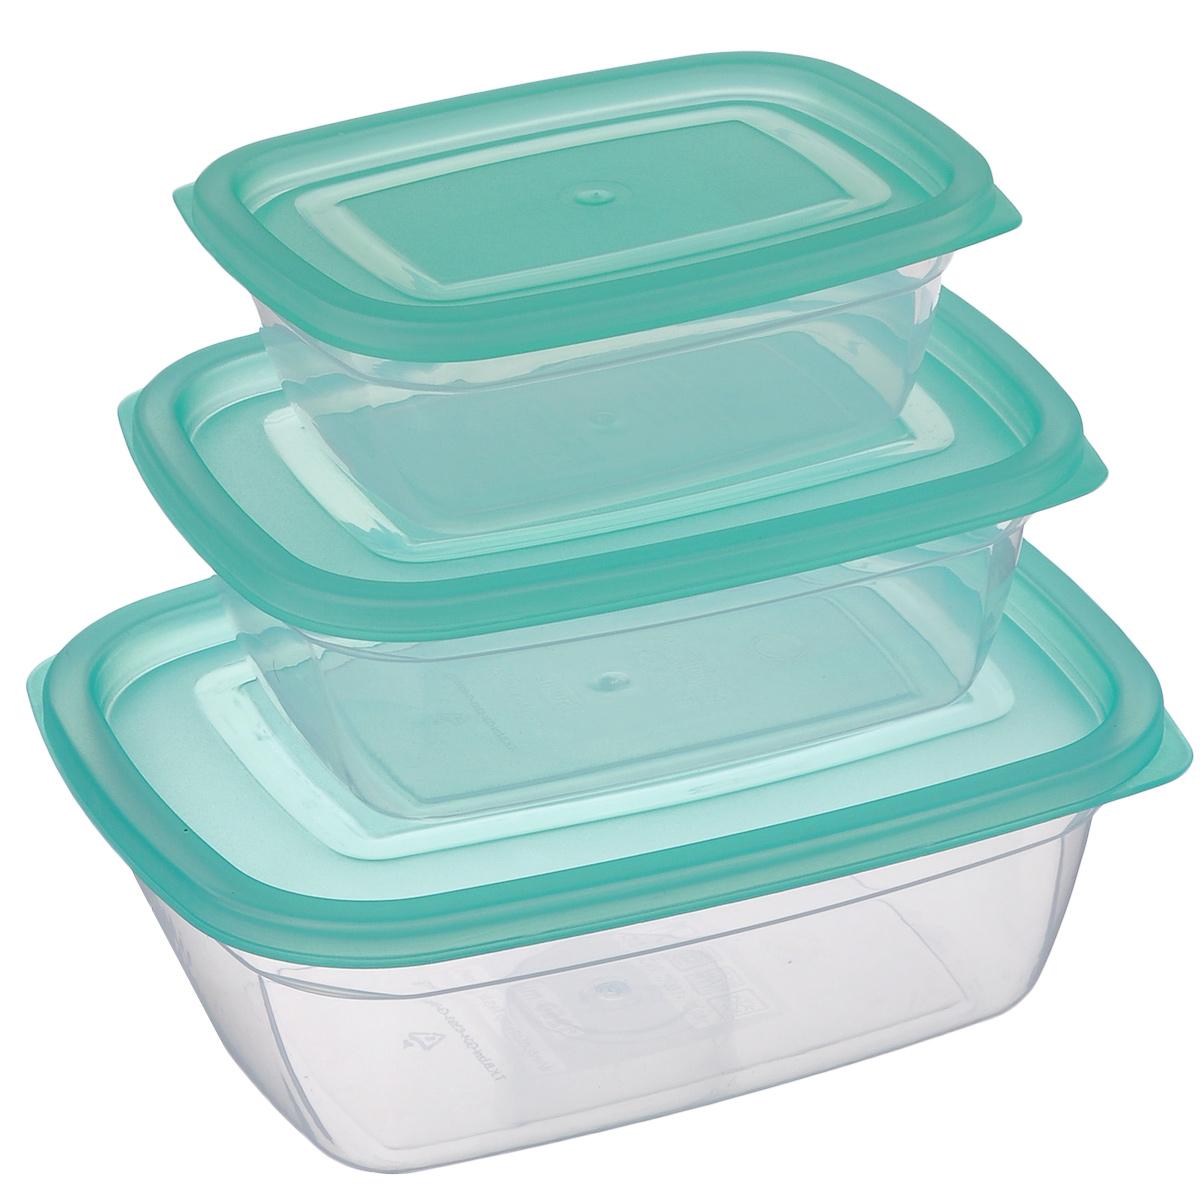 Набор контейнеров Dunya Plastik, цвет: зеленый, прозрачный, 3 шт30090_зеленый, прозрачныйНабор Dunya Plastik состоит из трех прямоугольных контейнеров разного объема. Изделия выполнены из высококачественного пищевого прозрачного пластика без примеси бисфенола. Контейнеры оснащены плотно закрывающимися крышками. Подходят для хранения и транспортировки пищи. Складываются друг в друга, что экономит пространство при хранении в шкафу. Подходят для использования в микроволновой печи без крышки (до +100°С), для заморозки при минимальной температуре -40°С. Можно мыть в посудомоечной машине. Объем контейнеров: 0,4 л; 0,75 л; 1,25 л. Размер контейнеров: 14 см х 10 см х 5 см; 17 см х 12 см х 6 см; 20 см х 15 см х 7 см.